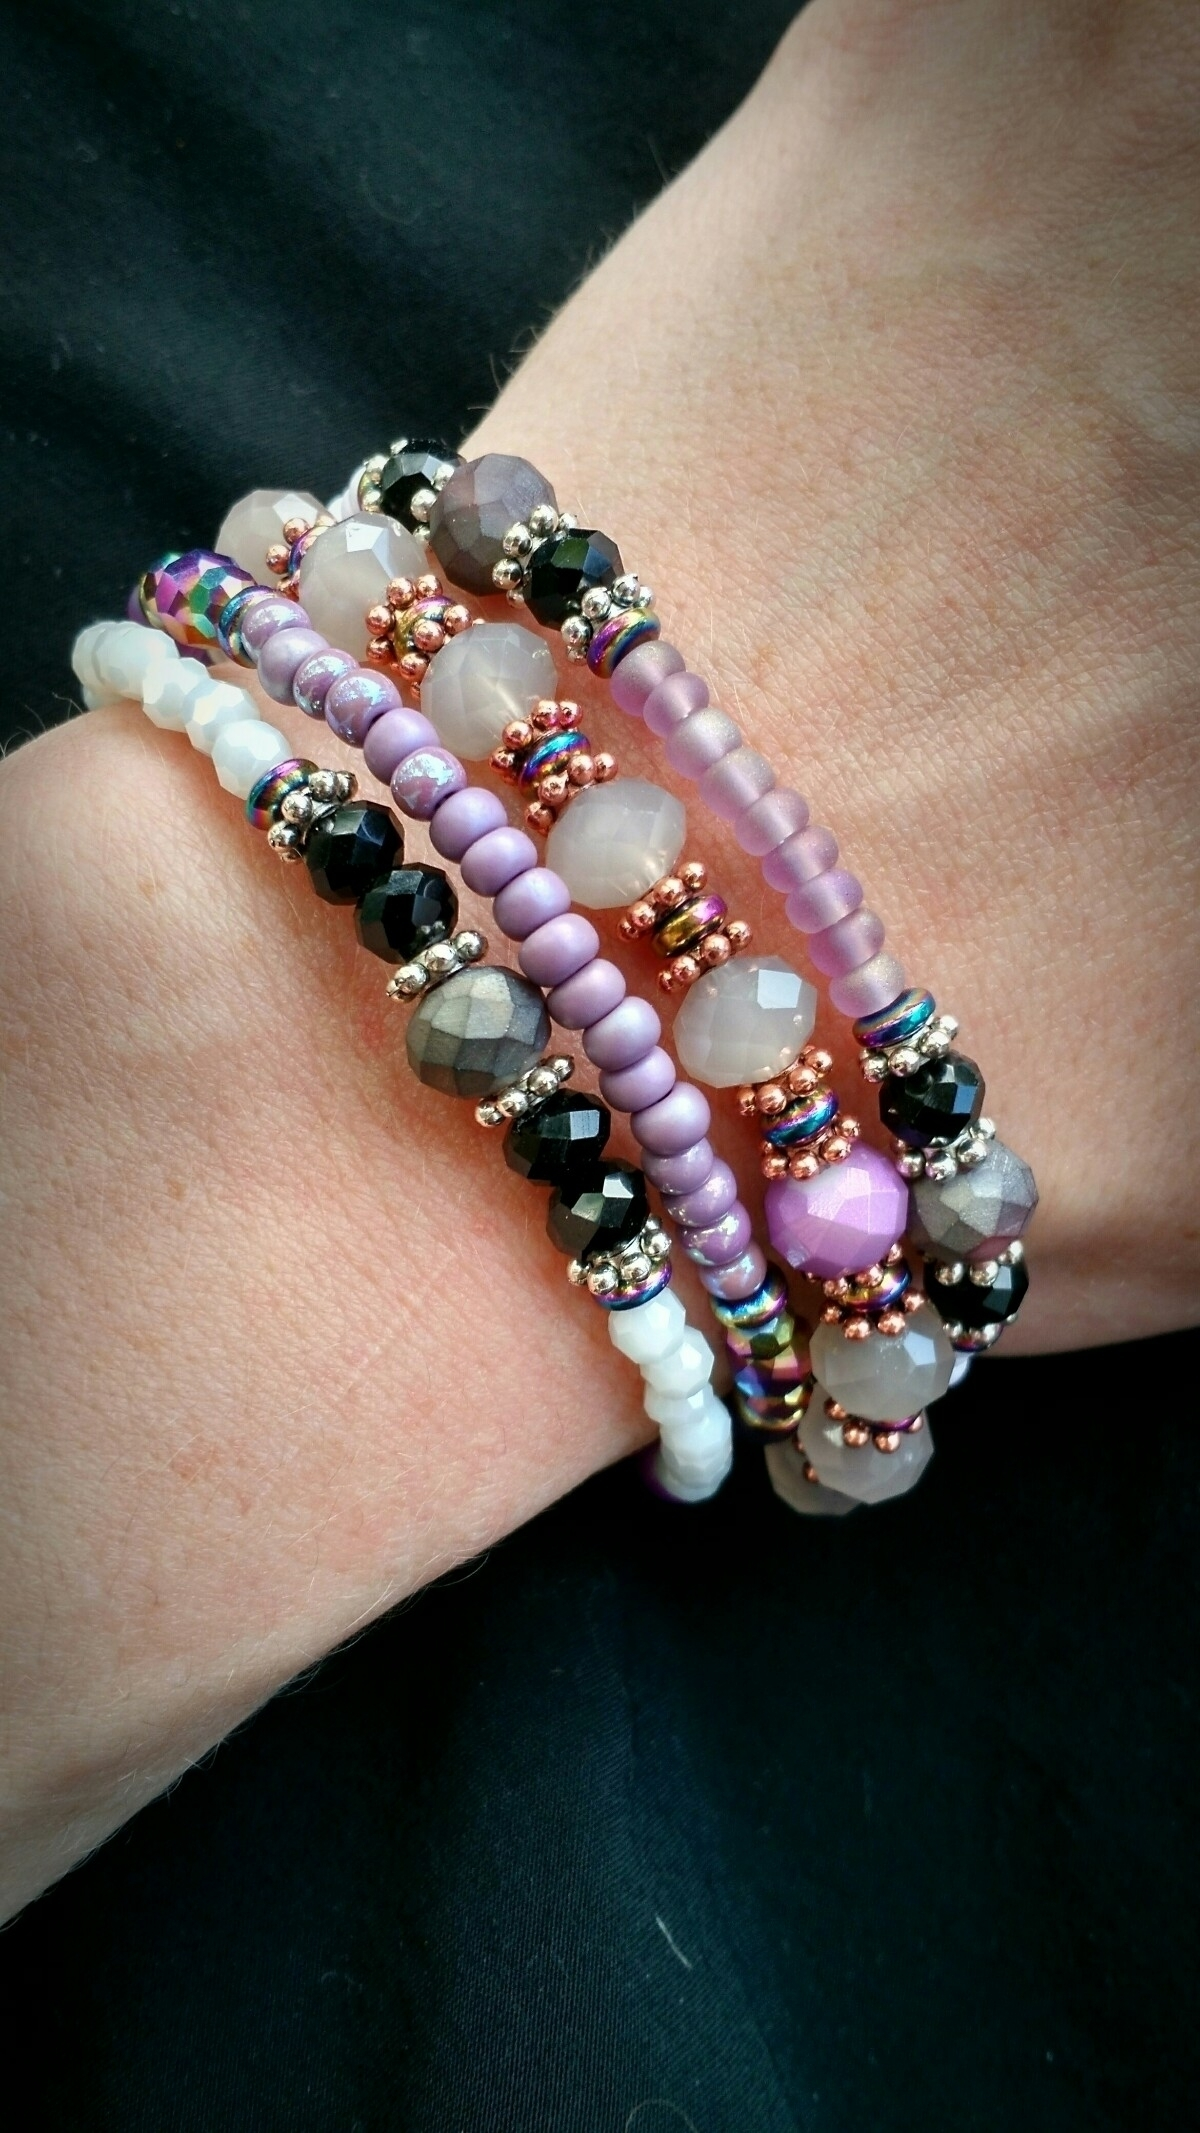 bracelet favorite date. Freshly - theterrestrialhand | ello